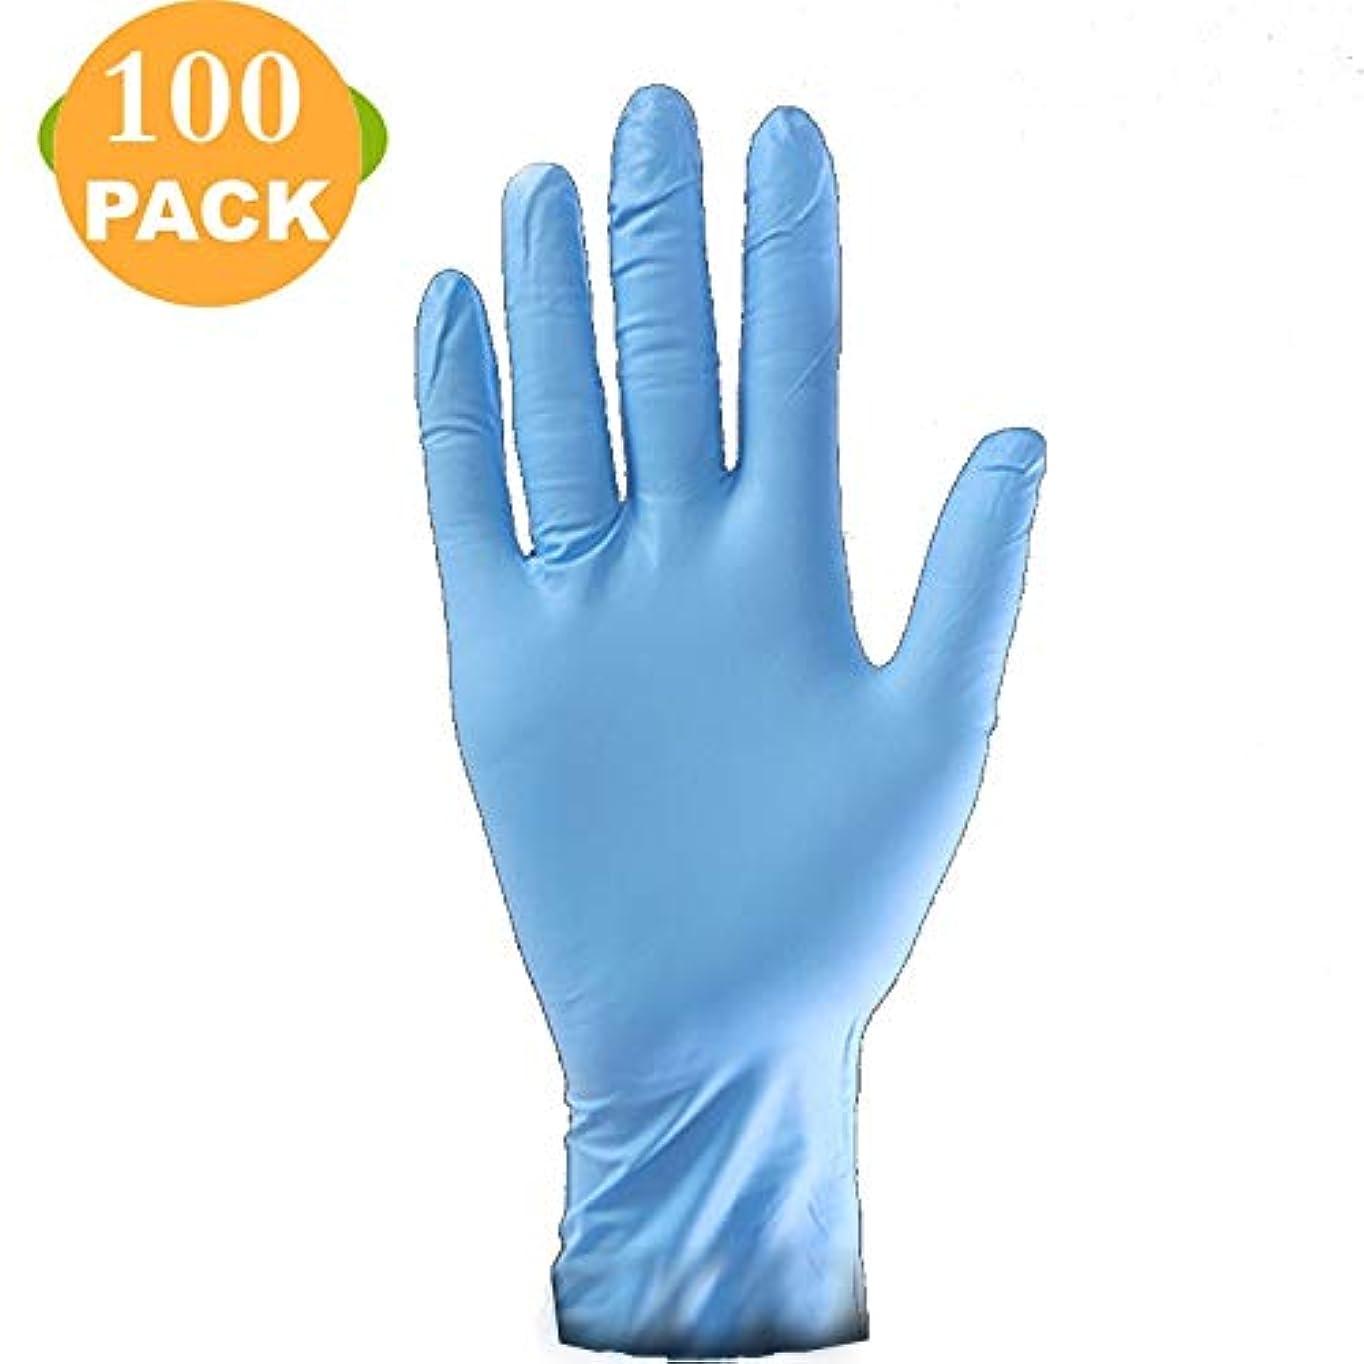 西部教義激しいニトリル使い捨てパウダーフリー耐酸クリーン美容ネイルサロン油と酸耐性-100パーボックス (Color : Blue, Size : M)